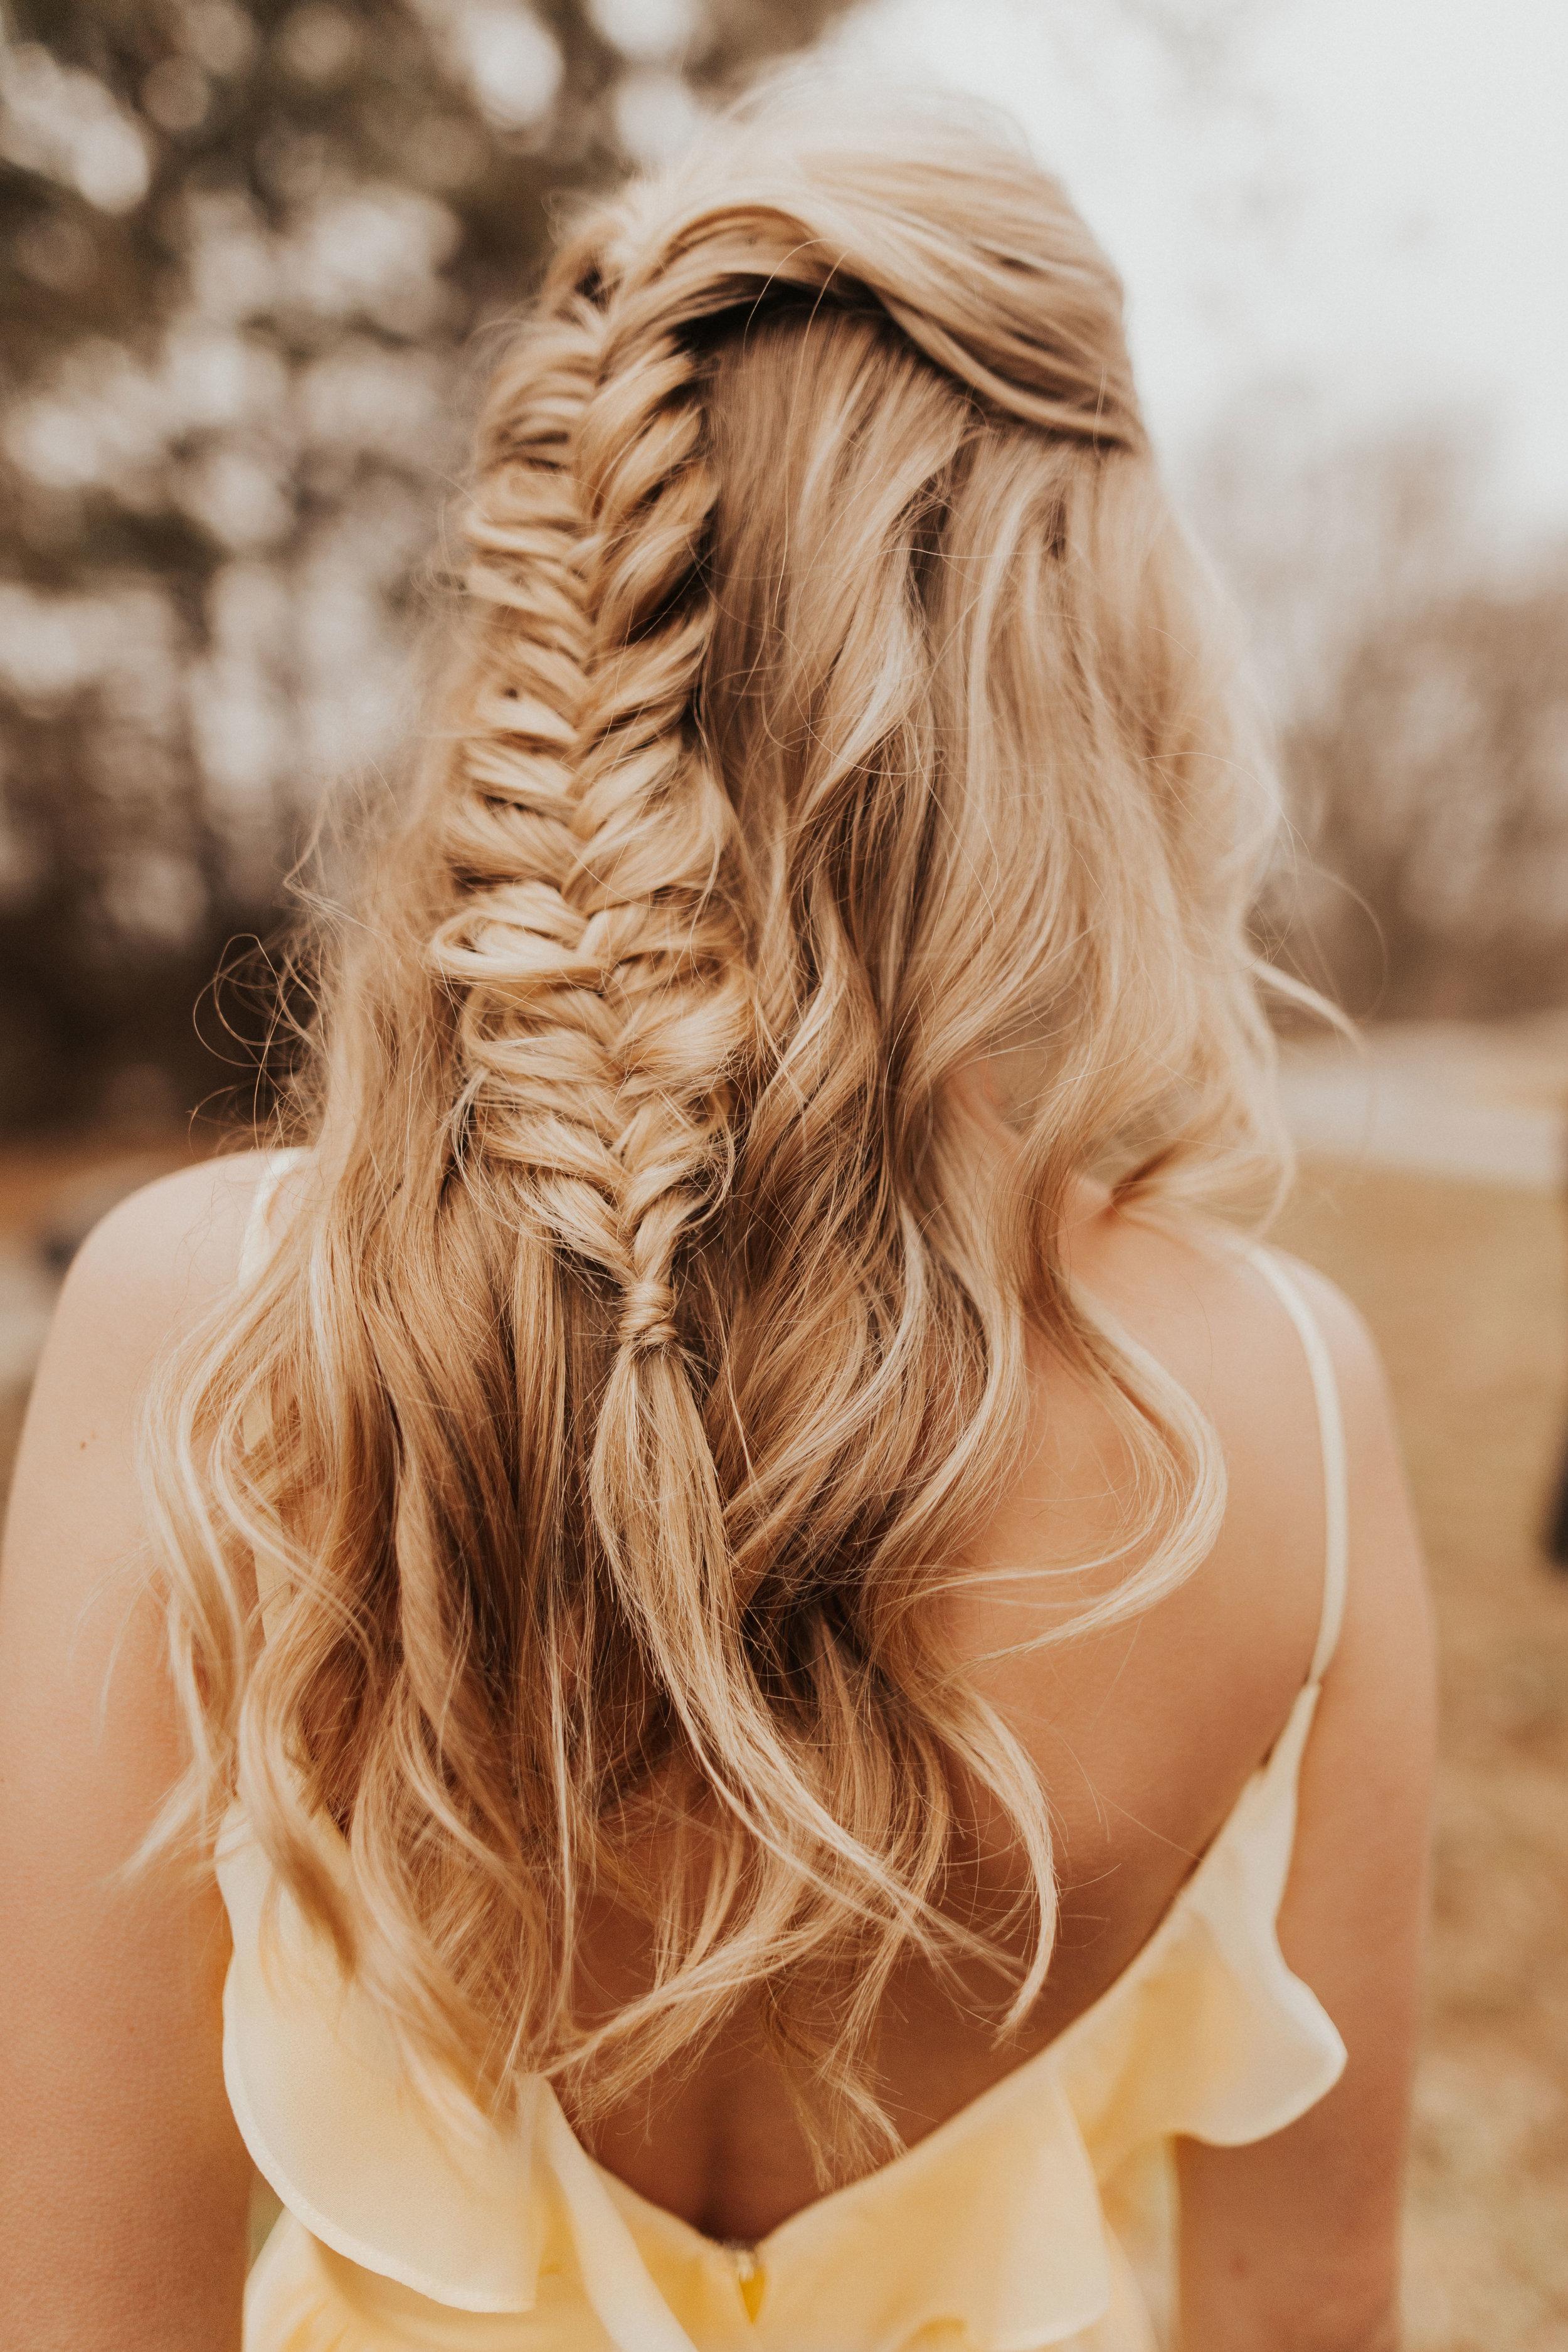 Bridesmaids braided hair